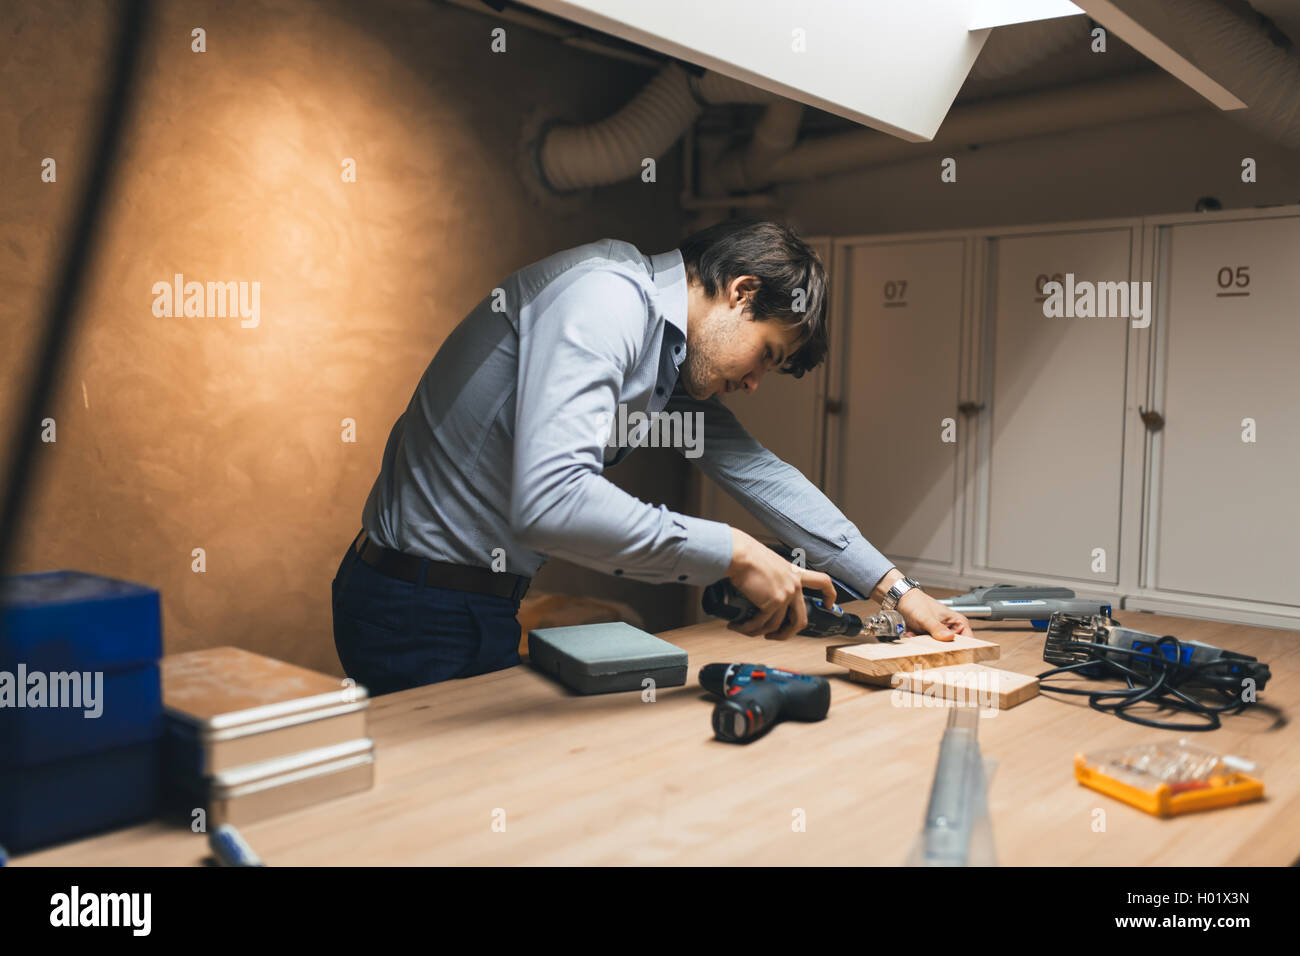 Tuttofare per la lavorazione del legno con utensili di precisione a portata di mano Immagini Stock